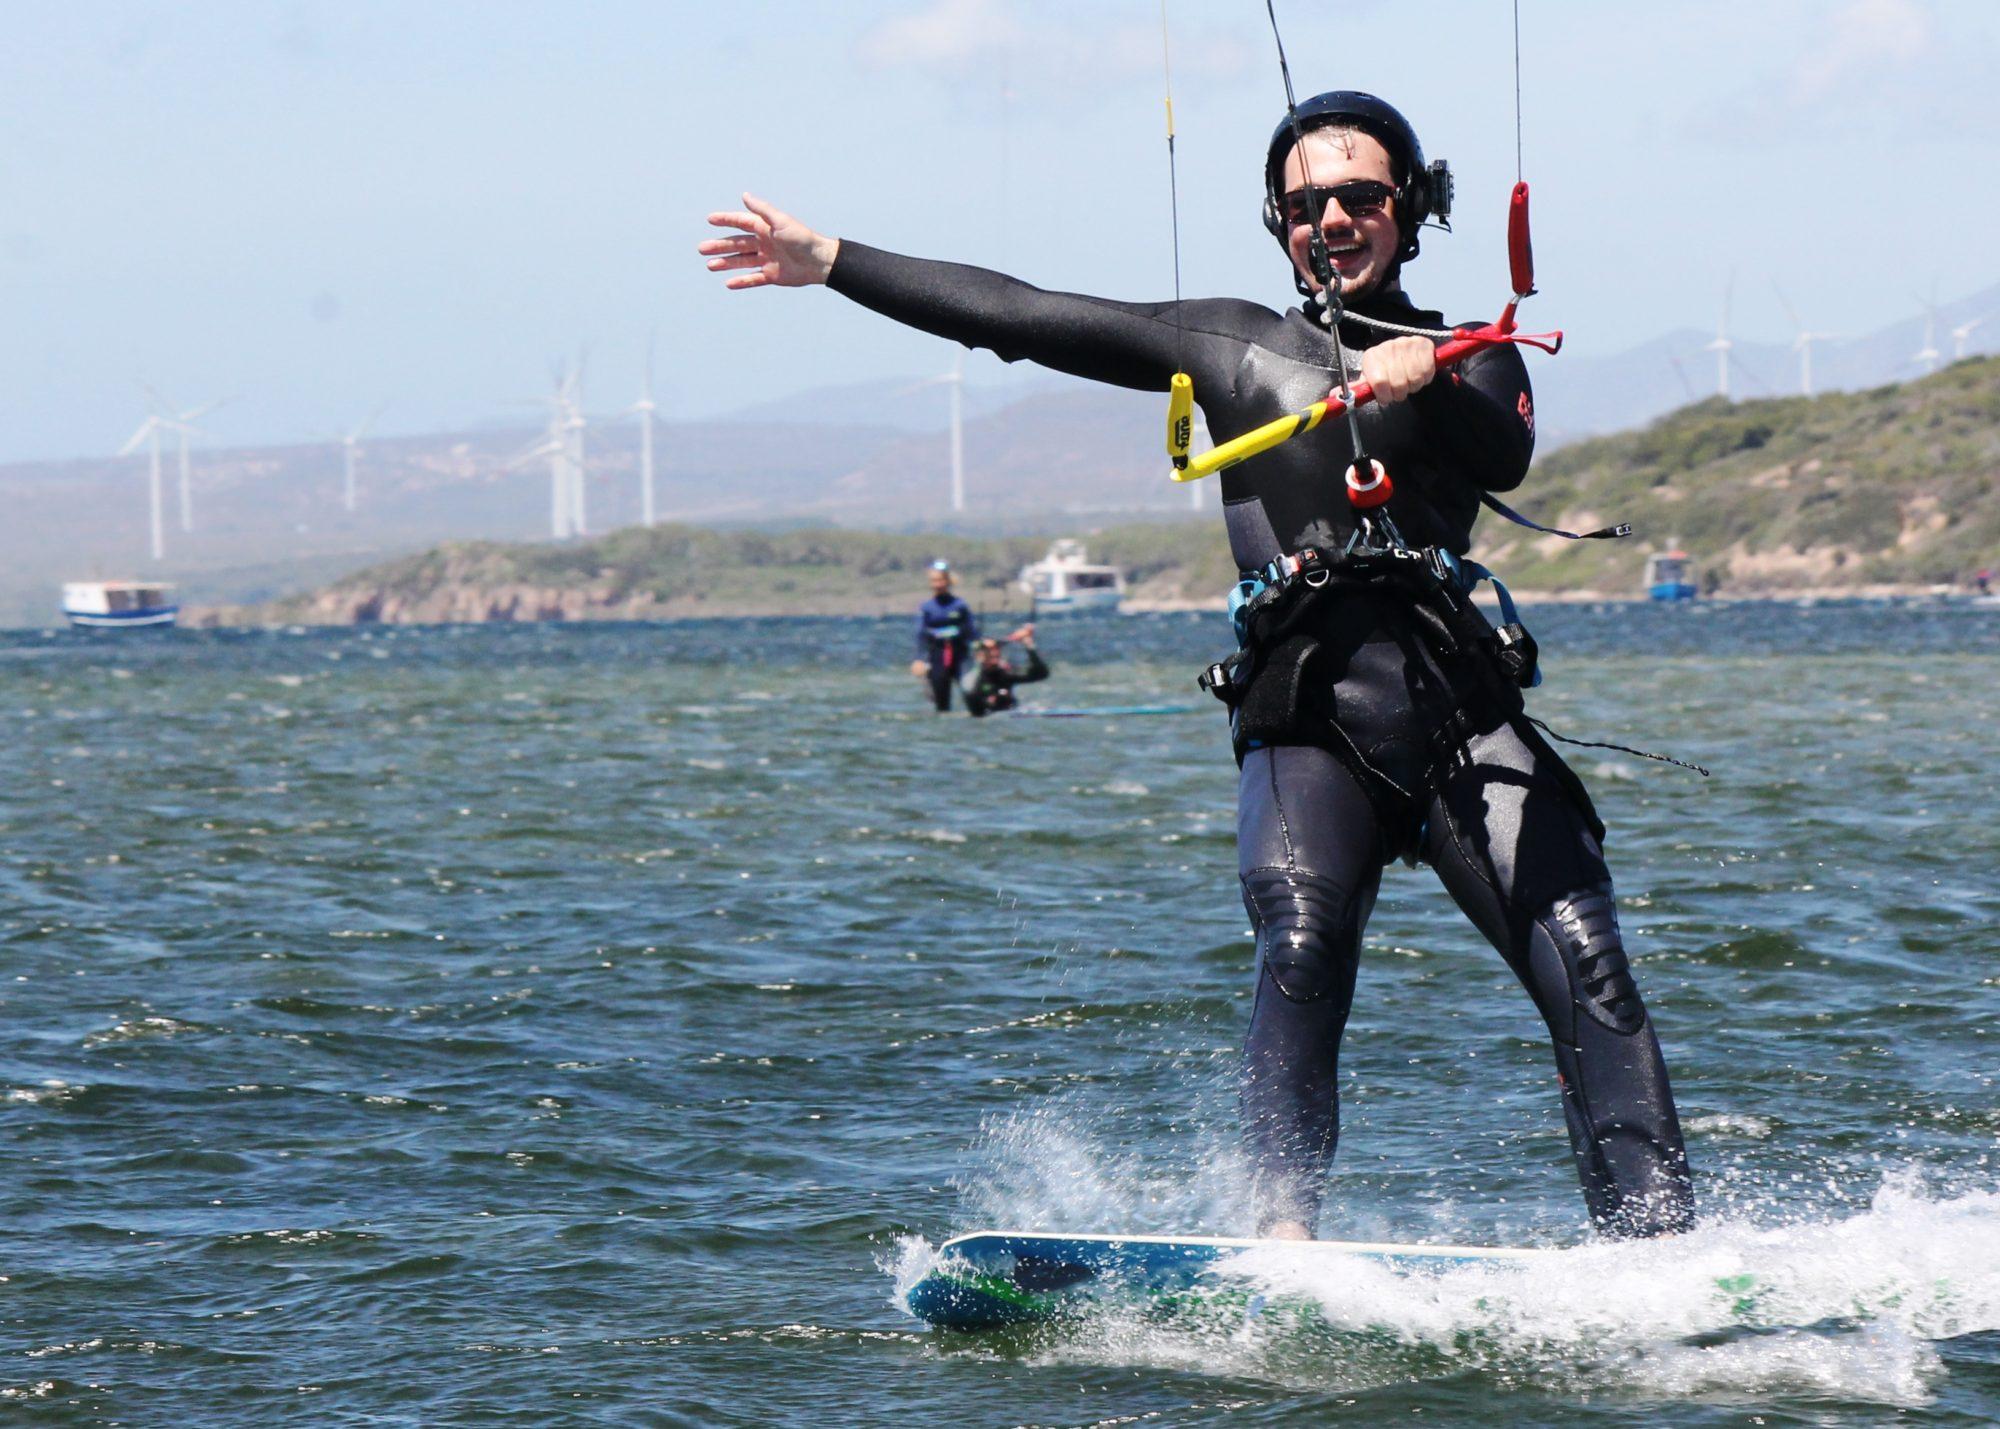 Lezioni di kitesurf a Punta Trettu in Sardegna